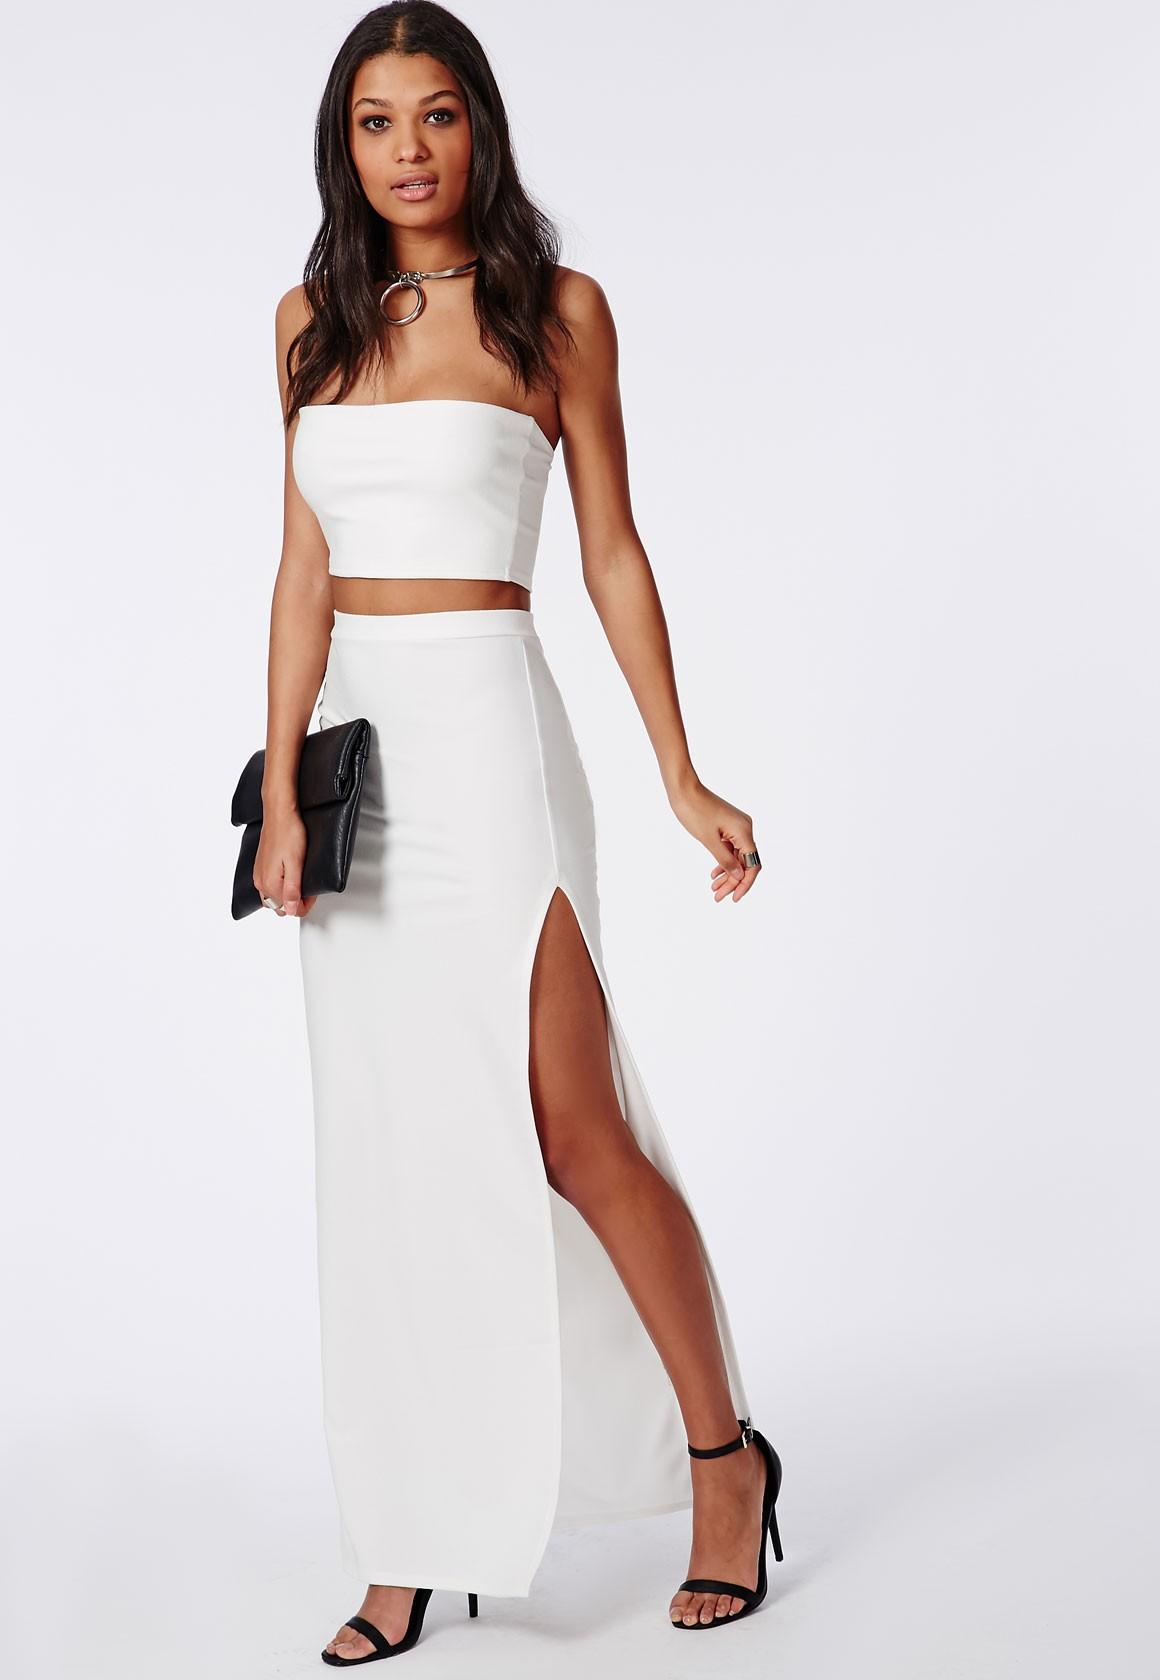 Split Skirt How To Wear It Like A Star Carey Fashion